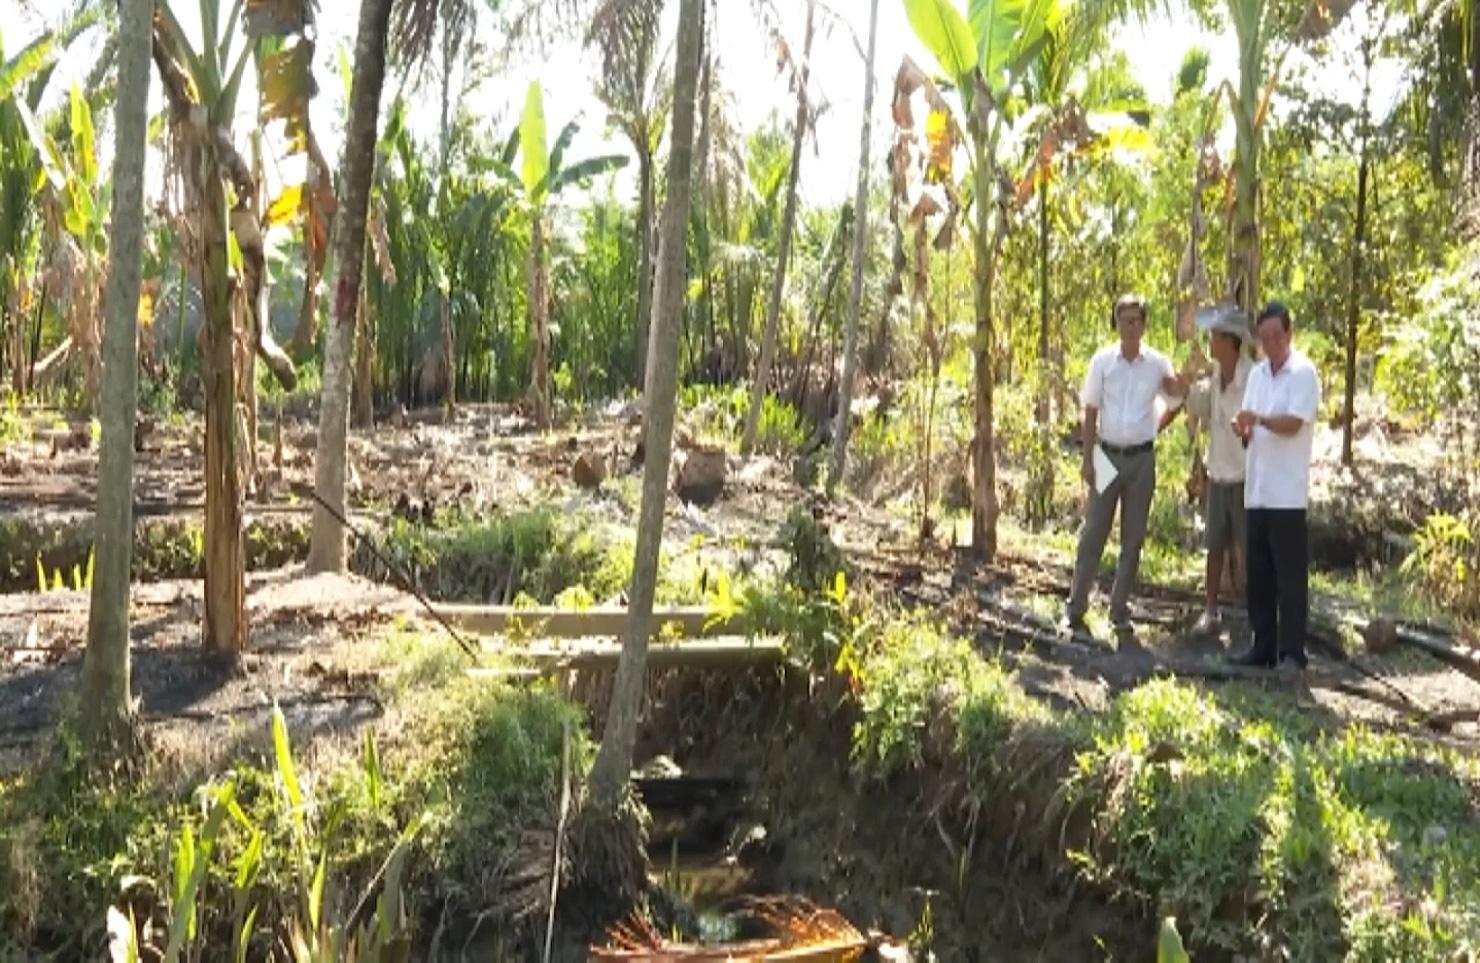 Bến Tre: Sâu đầu đen bùng phát gây hại trên cây dừa, nhiều bà con mất nguồn thu nhập - Ảnh 7.